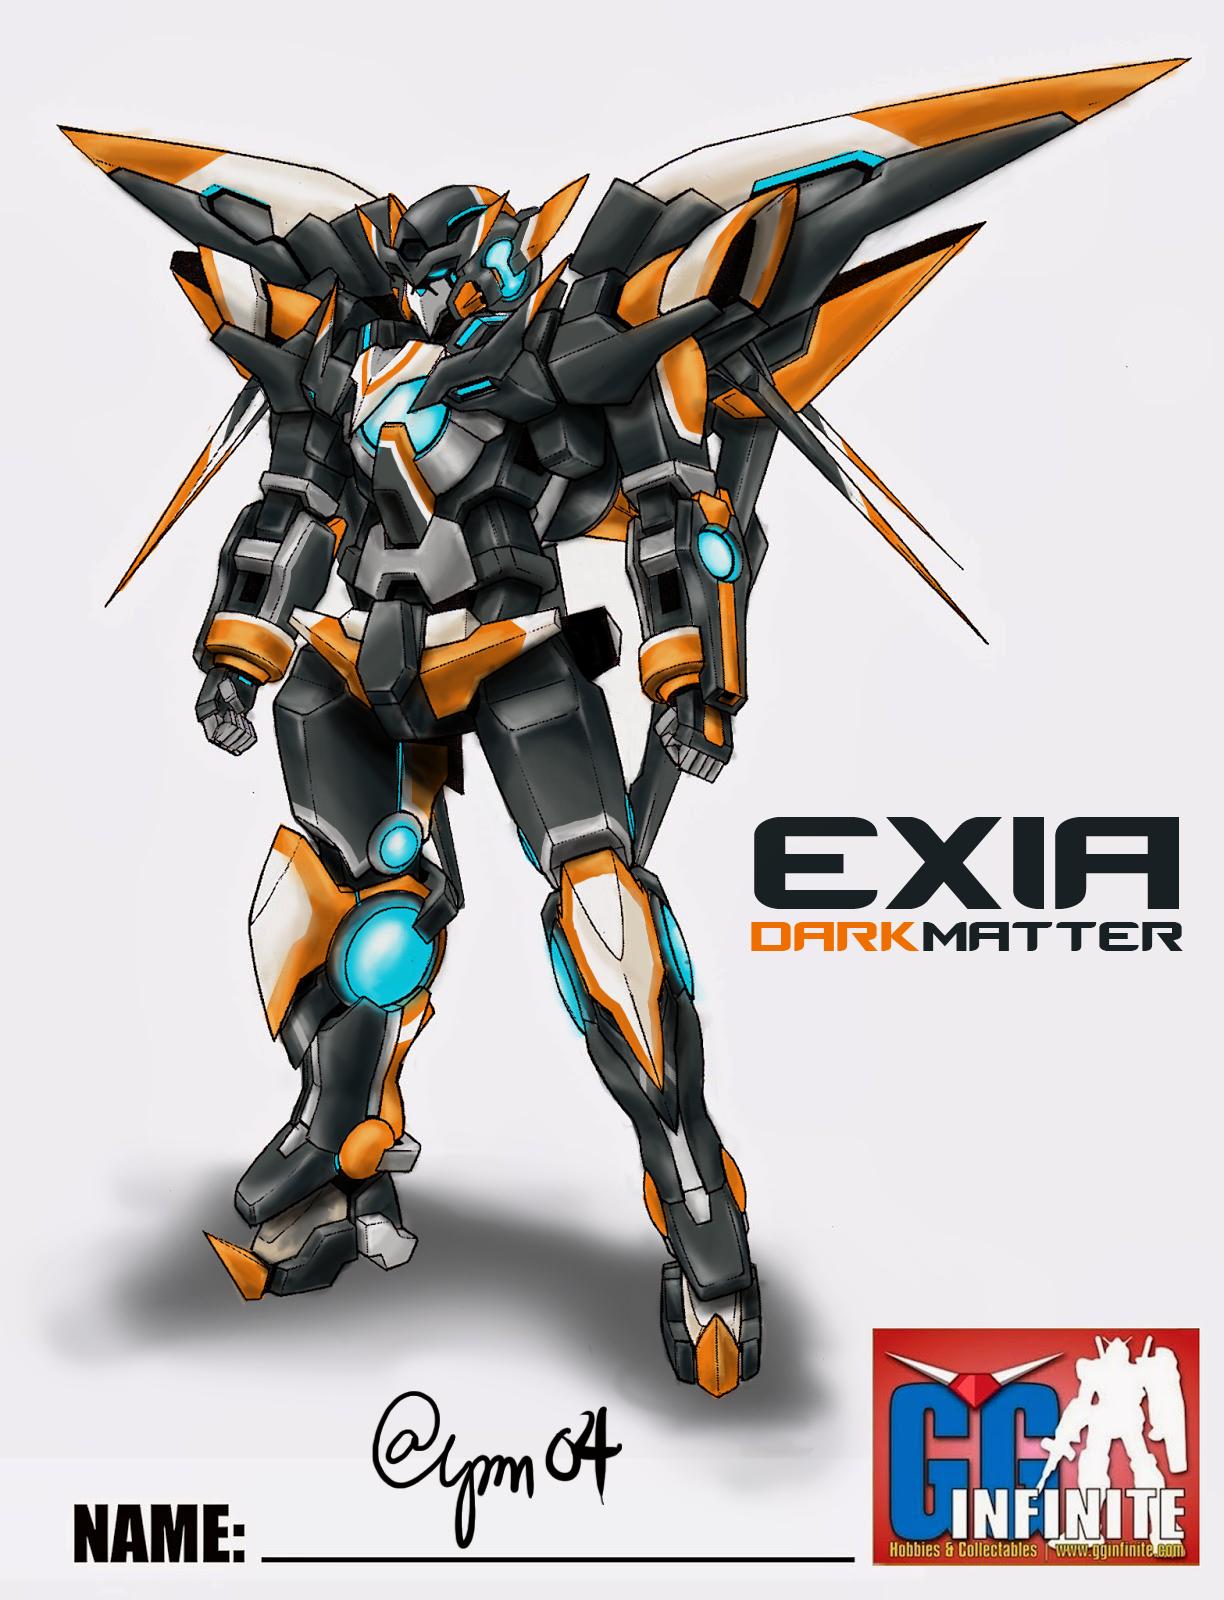 Gundam Exia Dark Matter Fan Art: Custom Color Scheme by alpm04